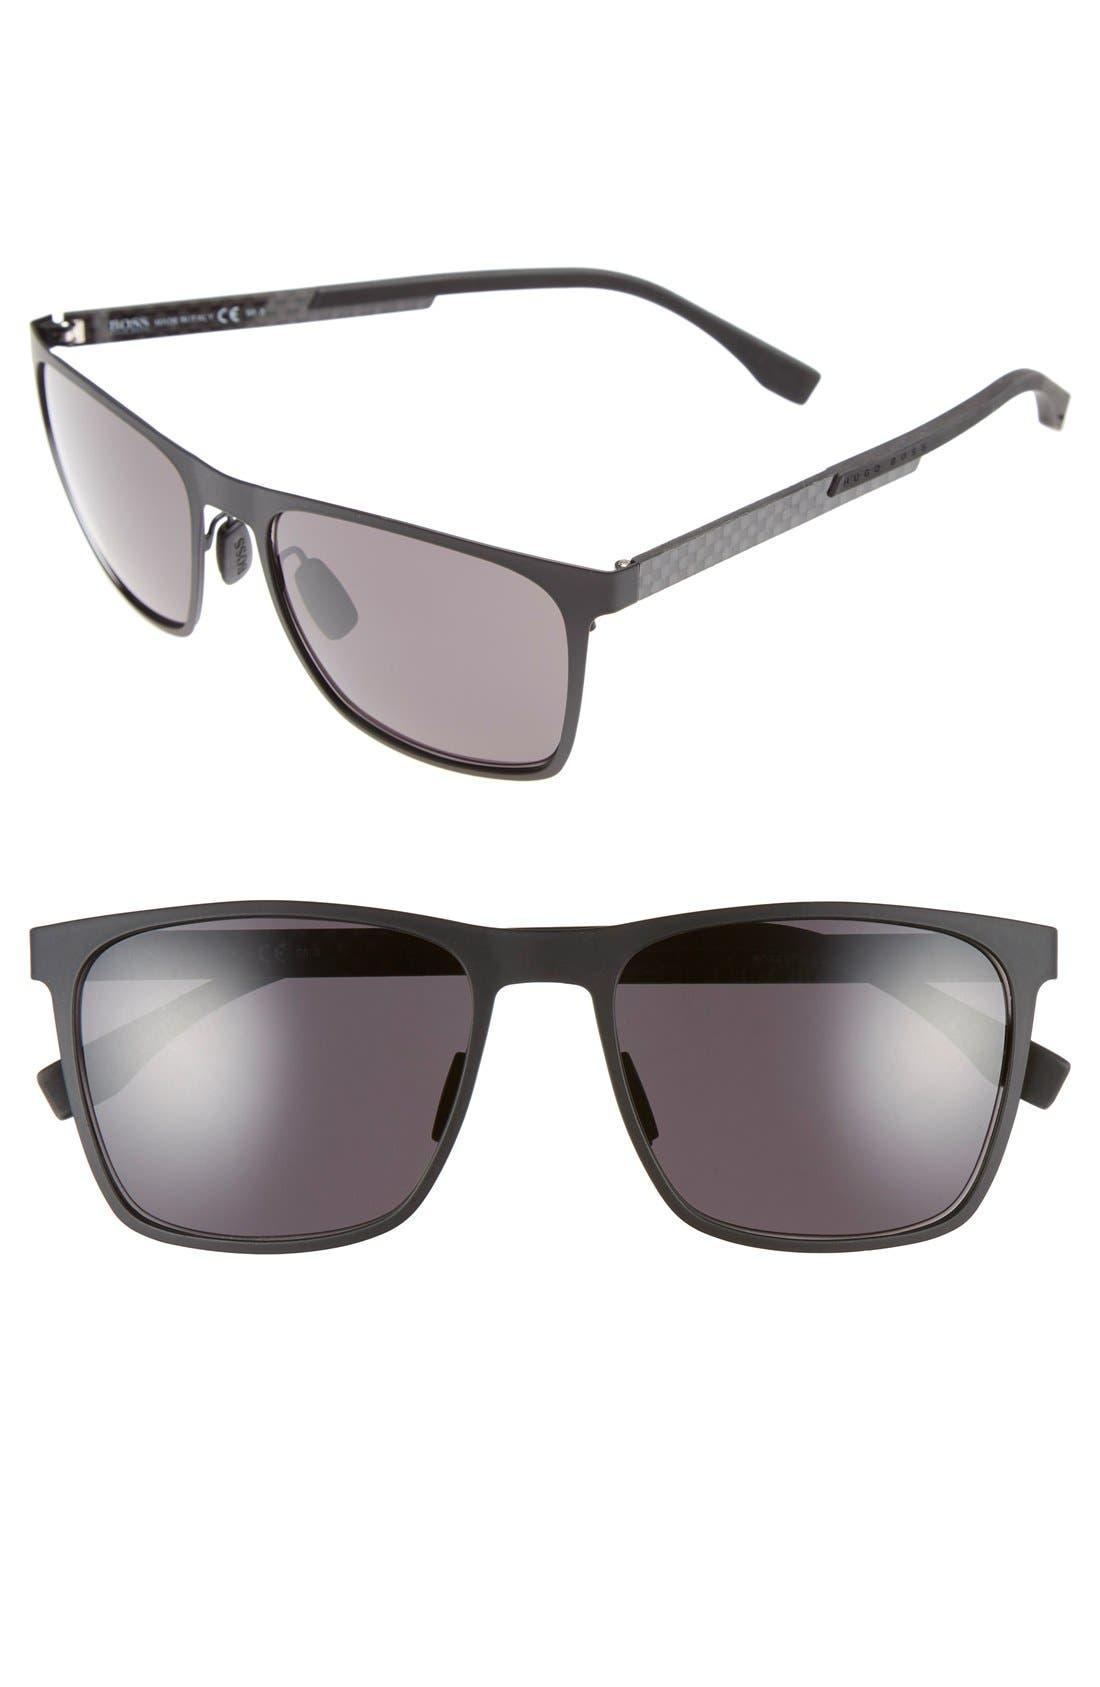 57mm Retro Sunglasses,                         Main,                         color, MT BLACK/ GRAY